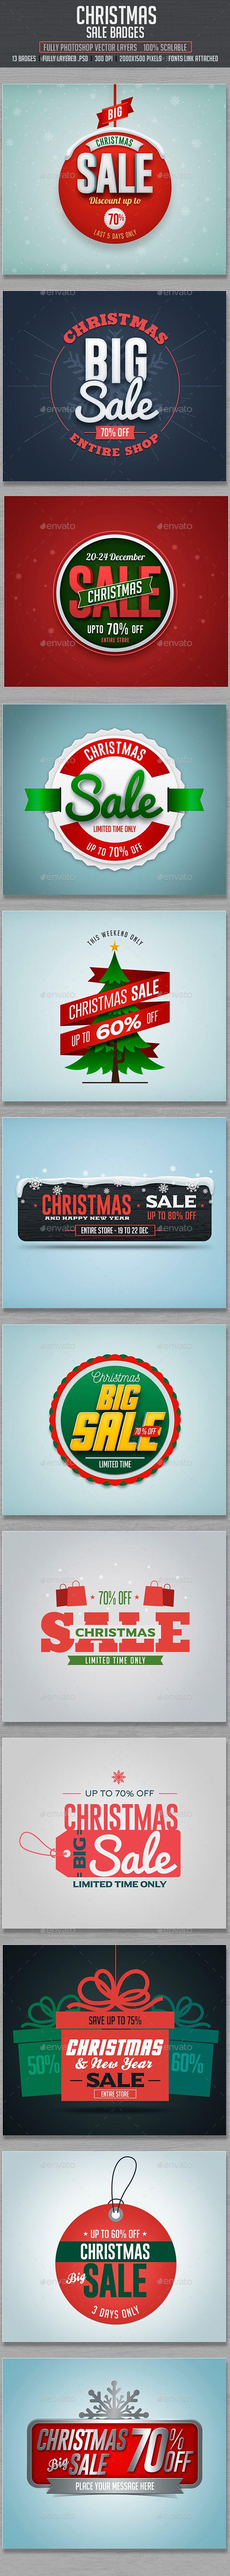 Christmas Sale Badges #design Download: http://graphicriver.net/item/christmas-sale-badges/13883712?ref=ksioks